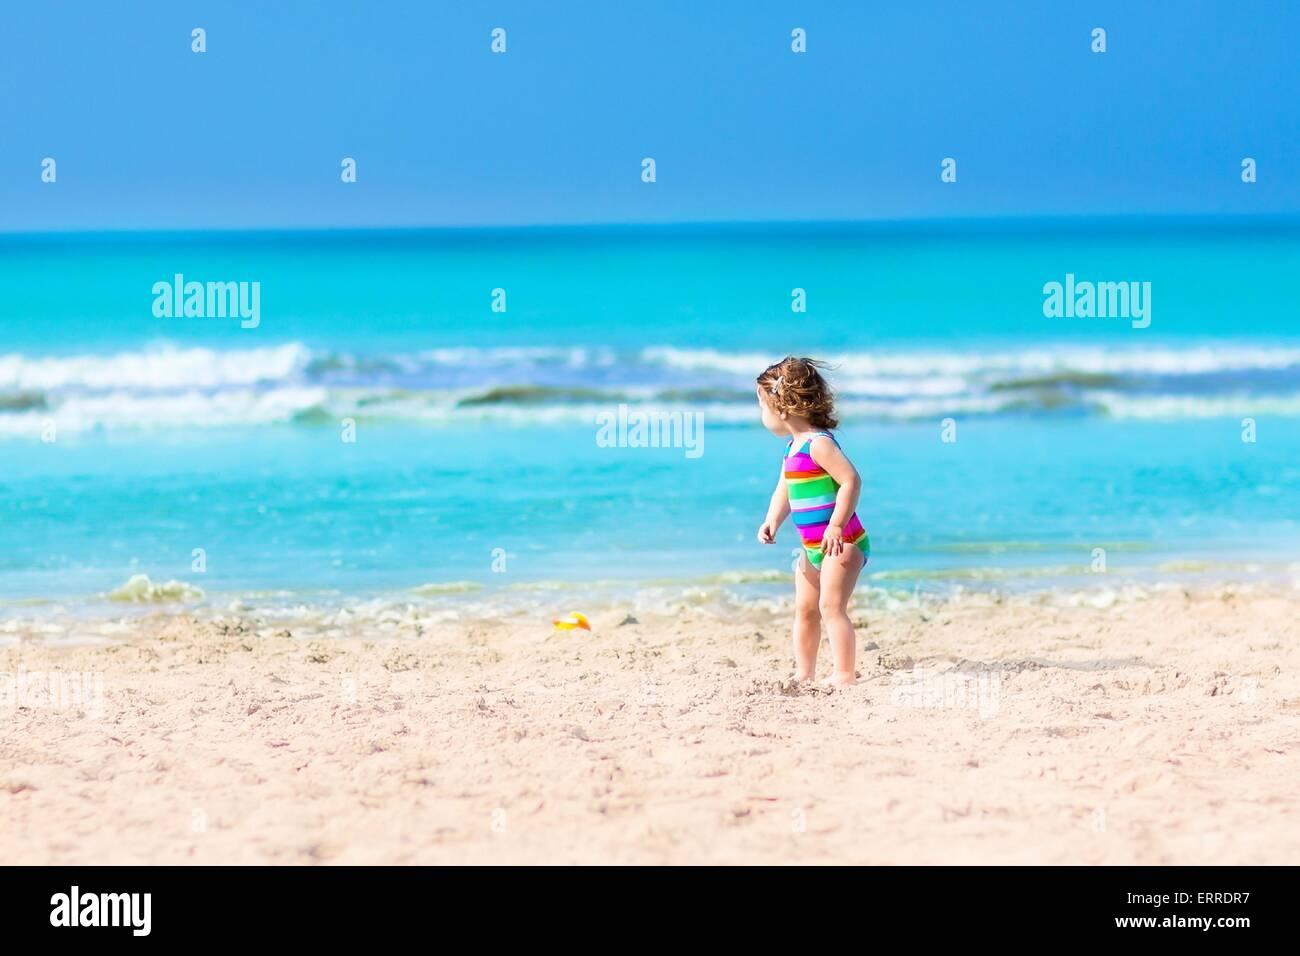 Adorable bébé fille dans un costume de bain coloré jouant sur une belle  plage ensoleillée avec des vagues ee2a3e439af